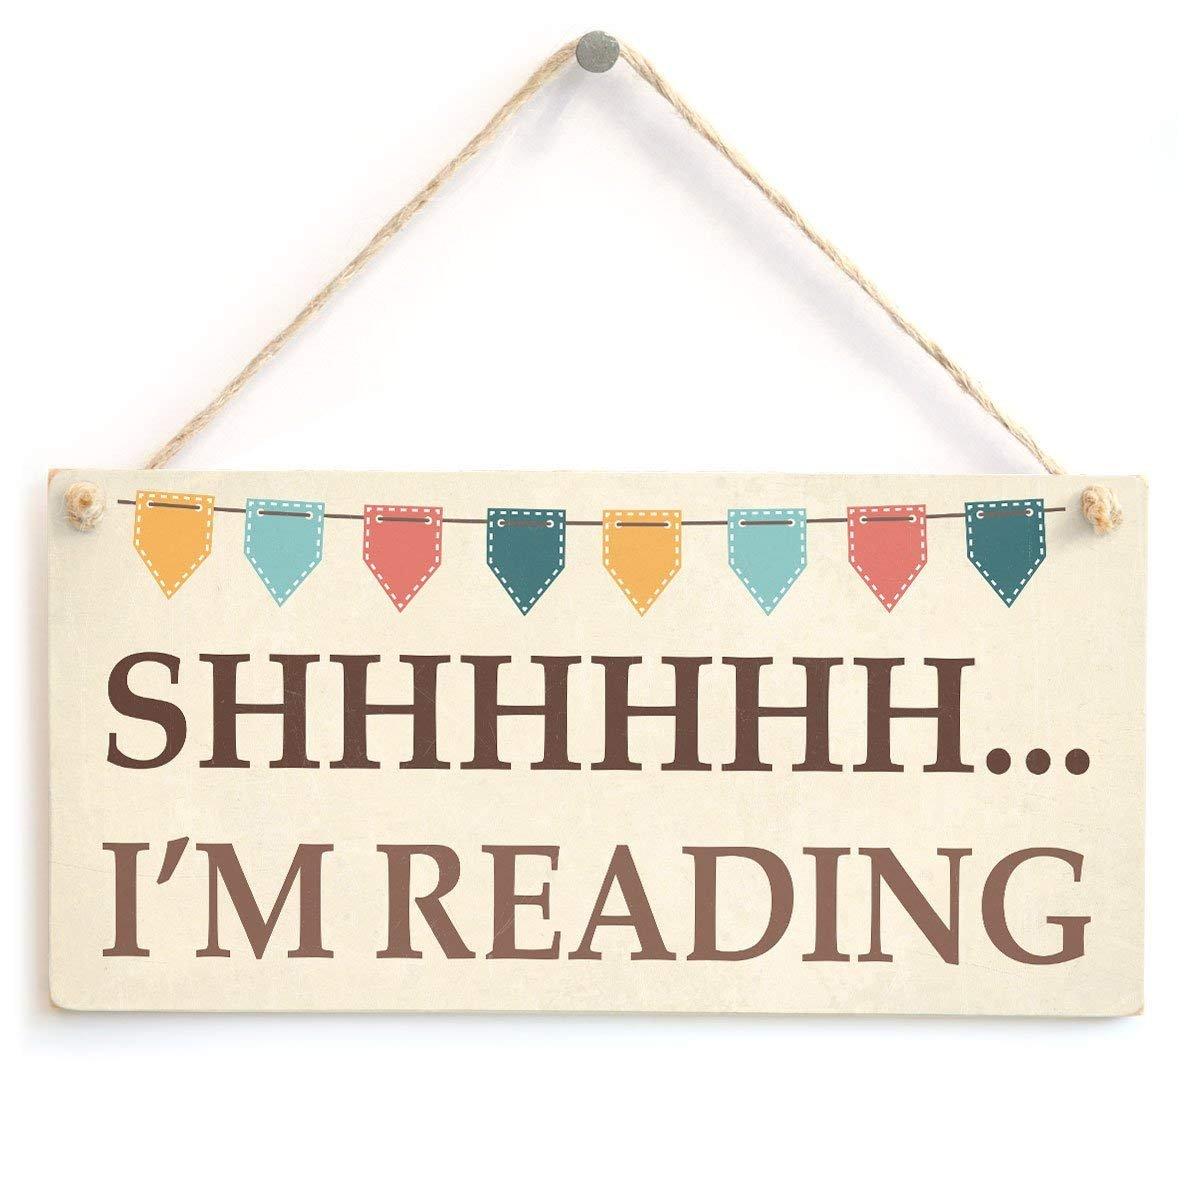 jkcm99 Placa de Regalo con Texto en ingl/és Please Be Quiet Bunting Design Book Lover Im Reading